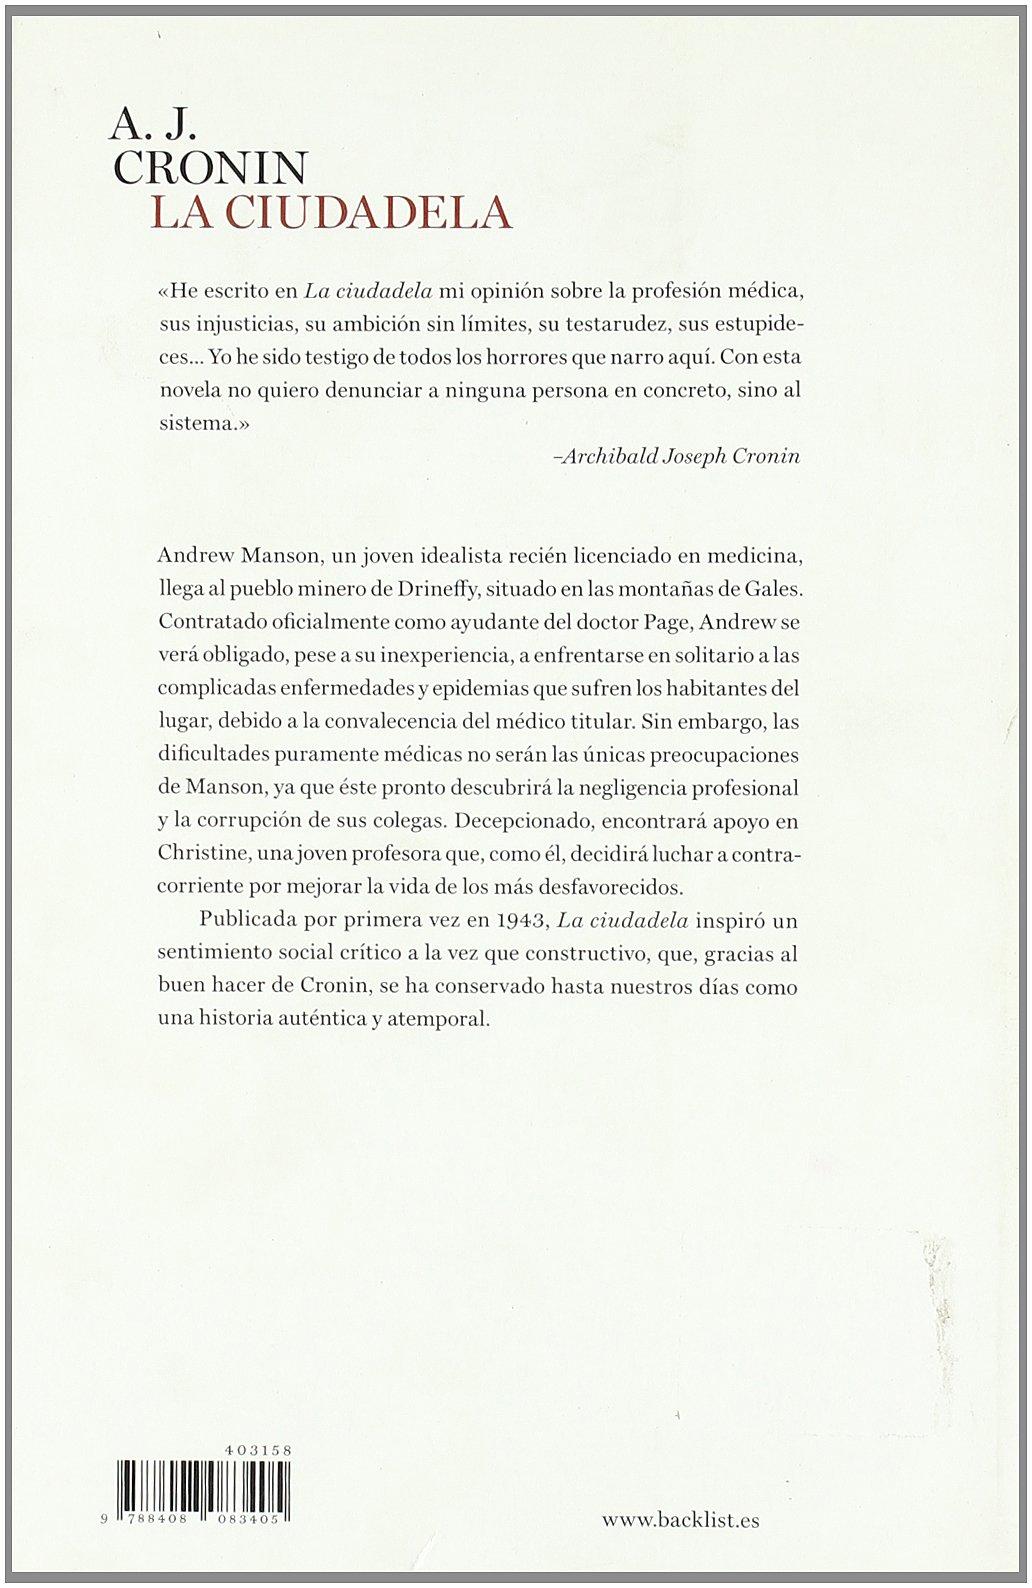 La ciudadela (BackList Contemporáneos Ficción): Amazon.es: A. J. ...